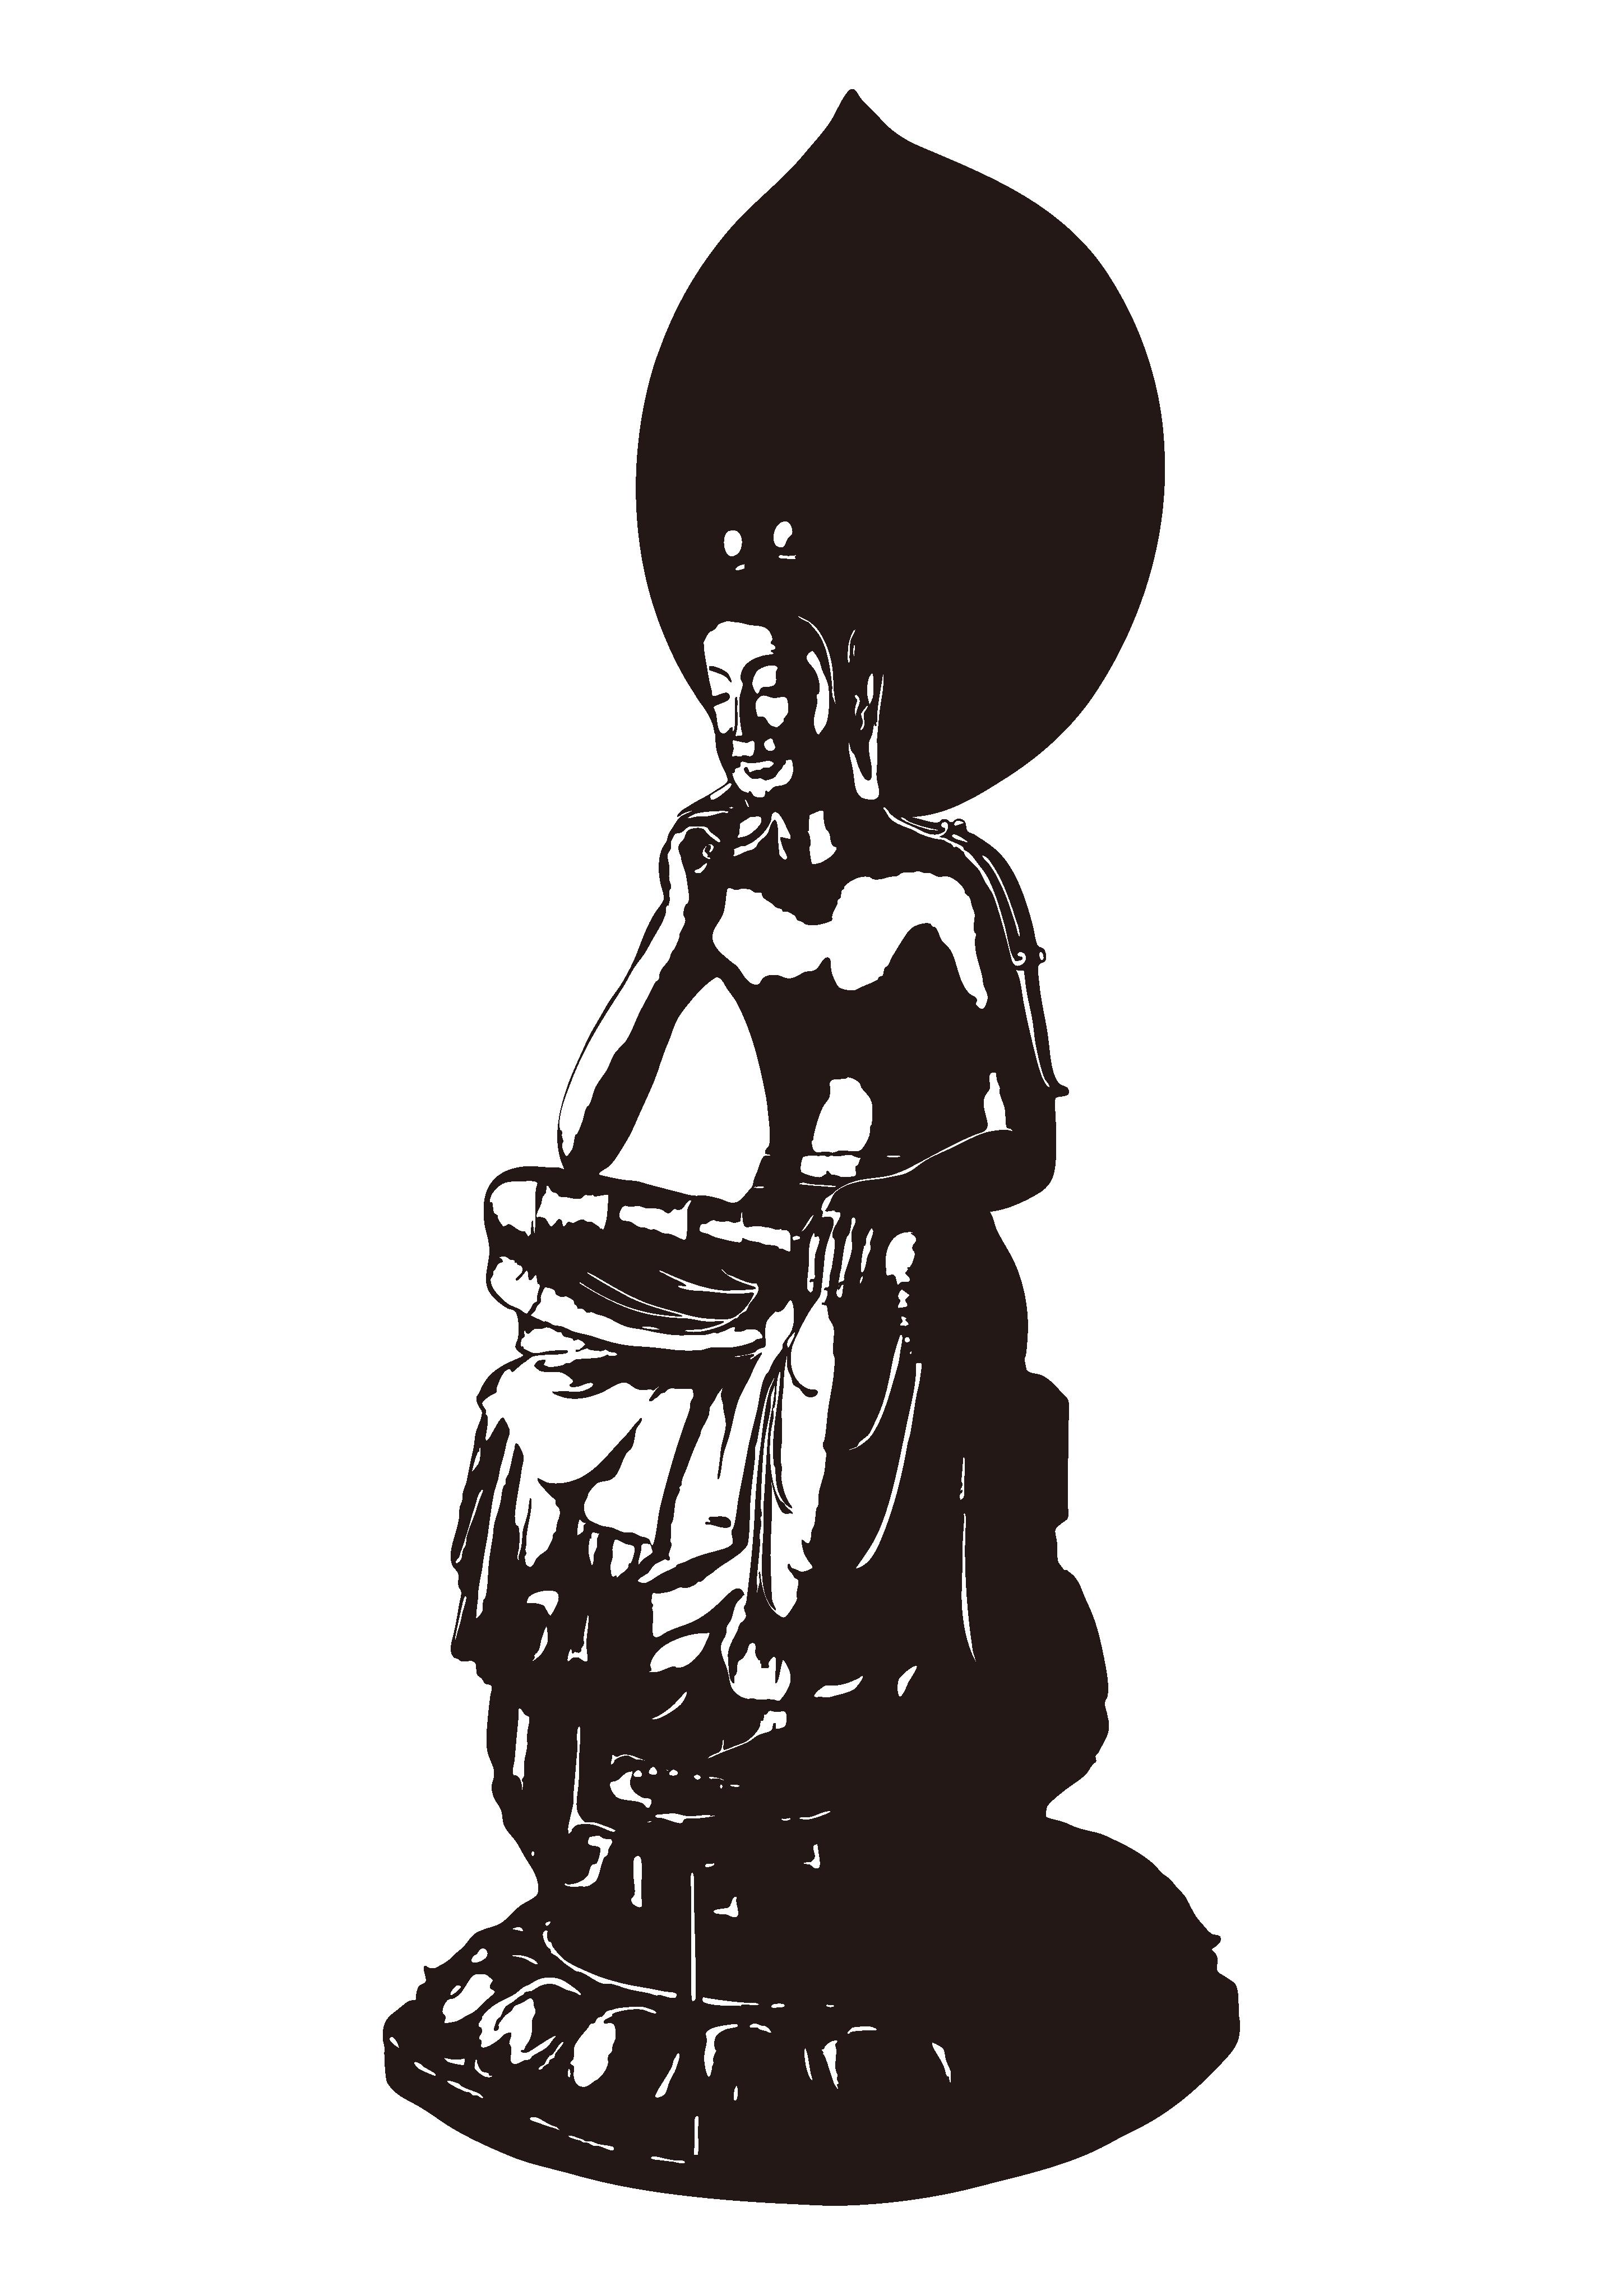 江利チエミの死因